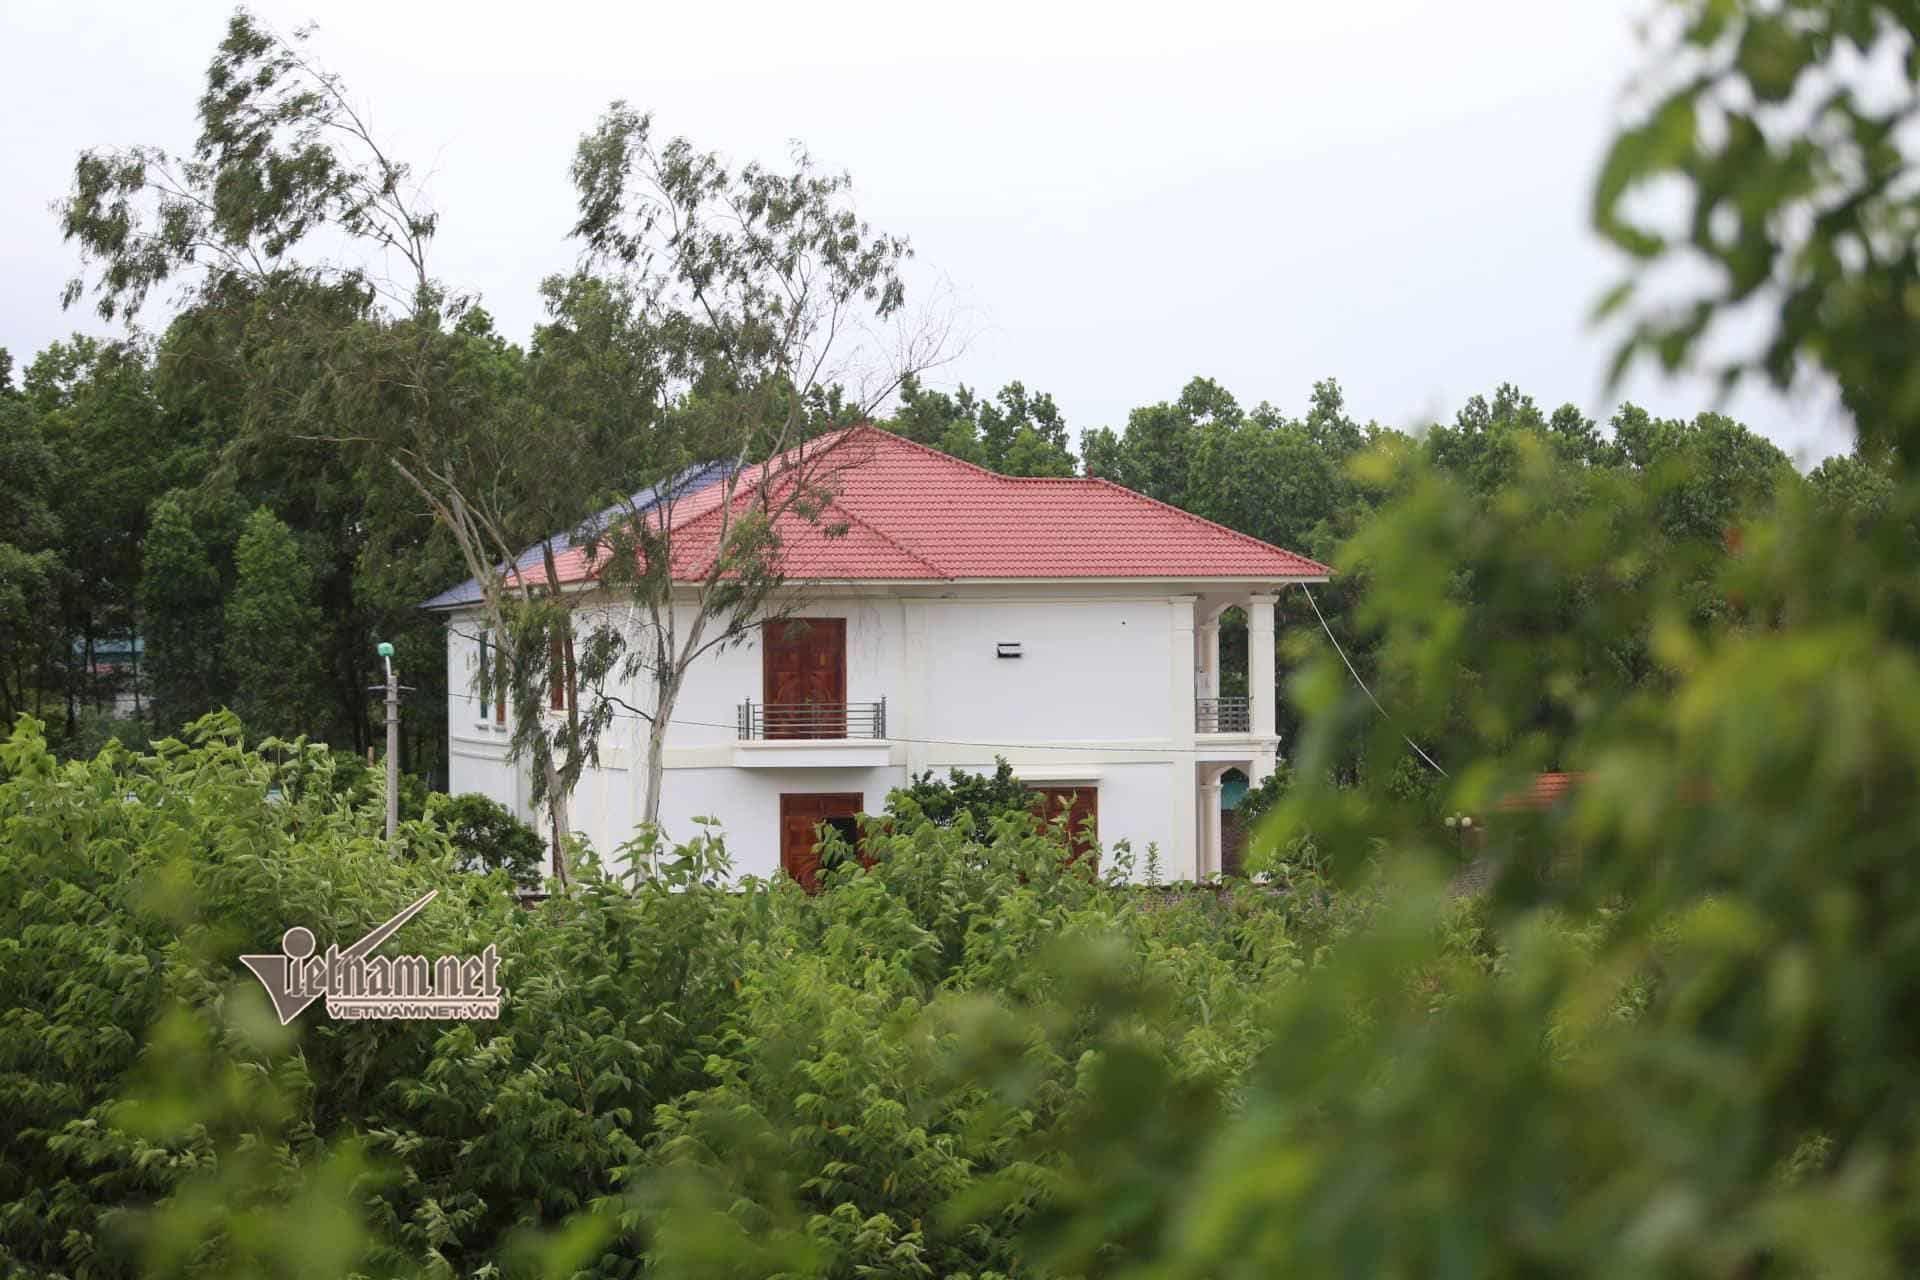 Biệt thự mọc trên đất rừng: Thanh tra Vĩnh Phúc vào cuộc